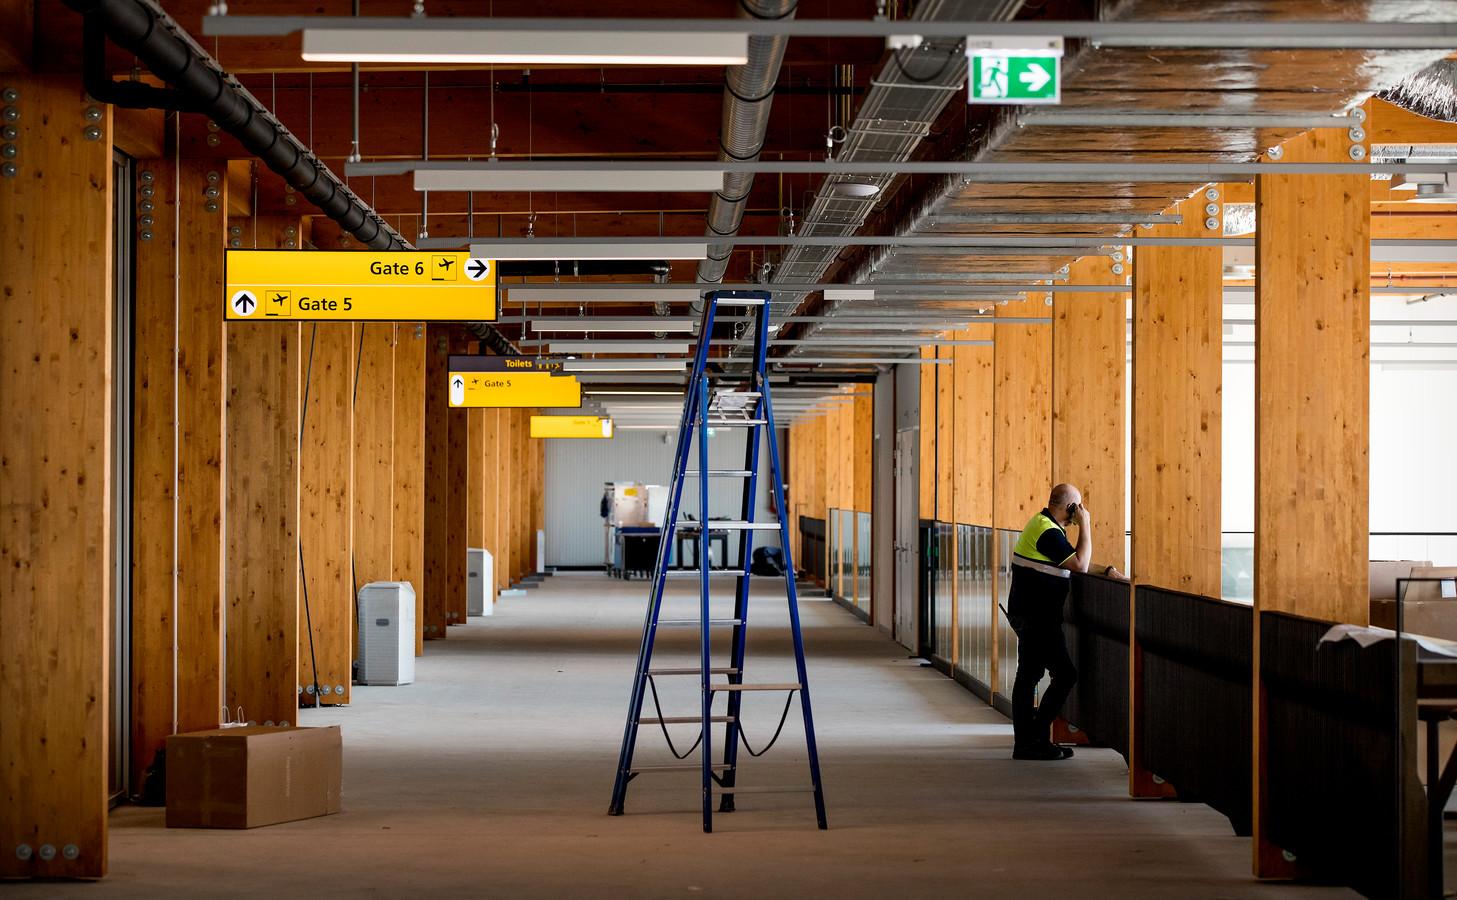 Het nieuwe luchthavengebouw van Lelystad Airport is inmiddels al maanden klaar. Onduidelijk blijft wanneer de vakantieluchthaven de deuren opent.